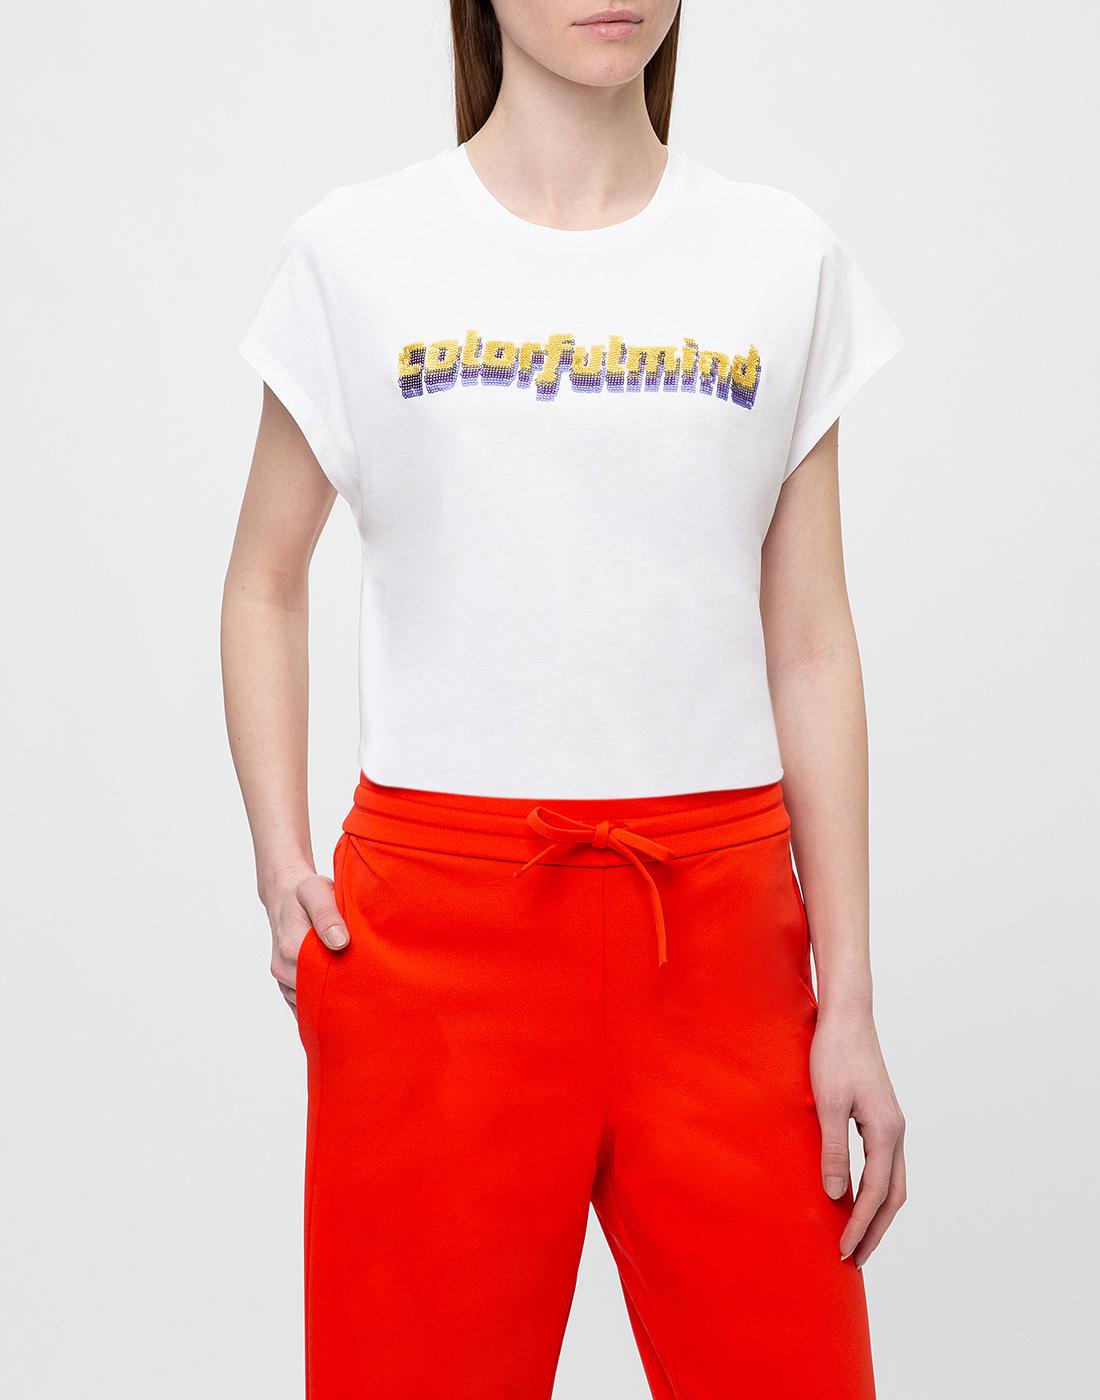 Женская белая футболка с вышивкой пайетками  Dorothee Schumacher S623103/026-2